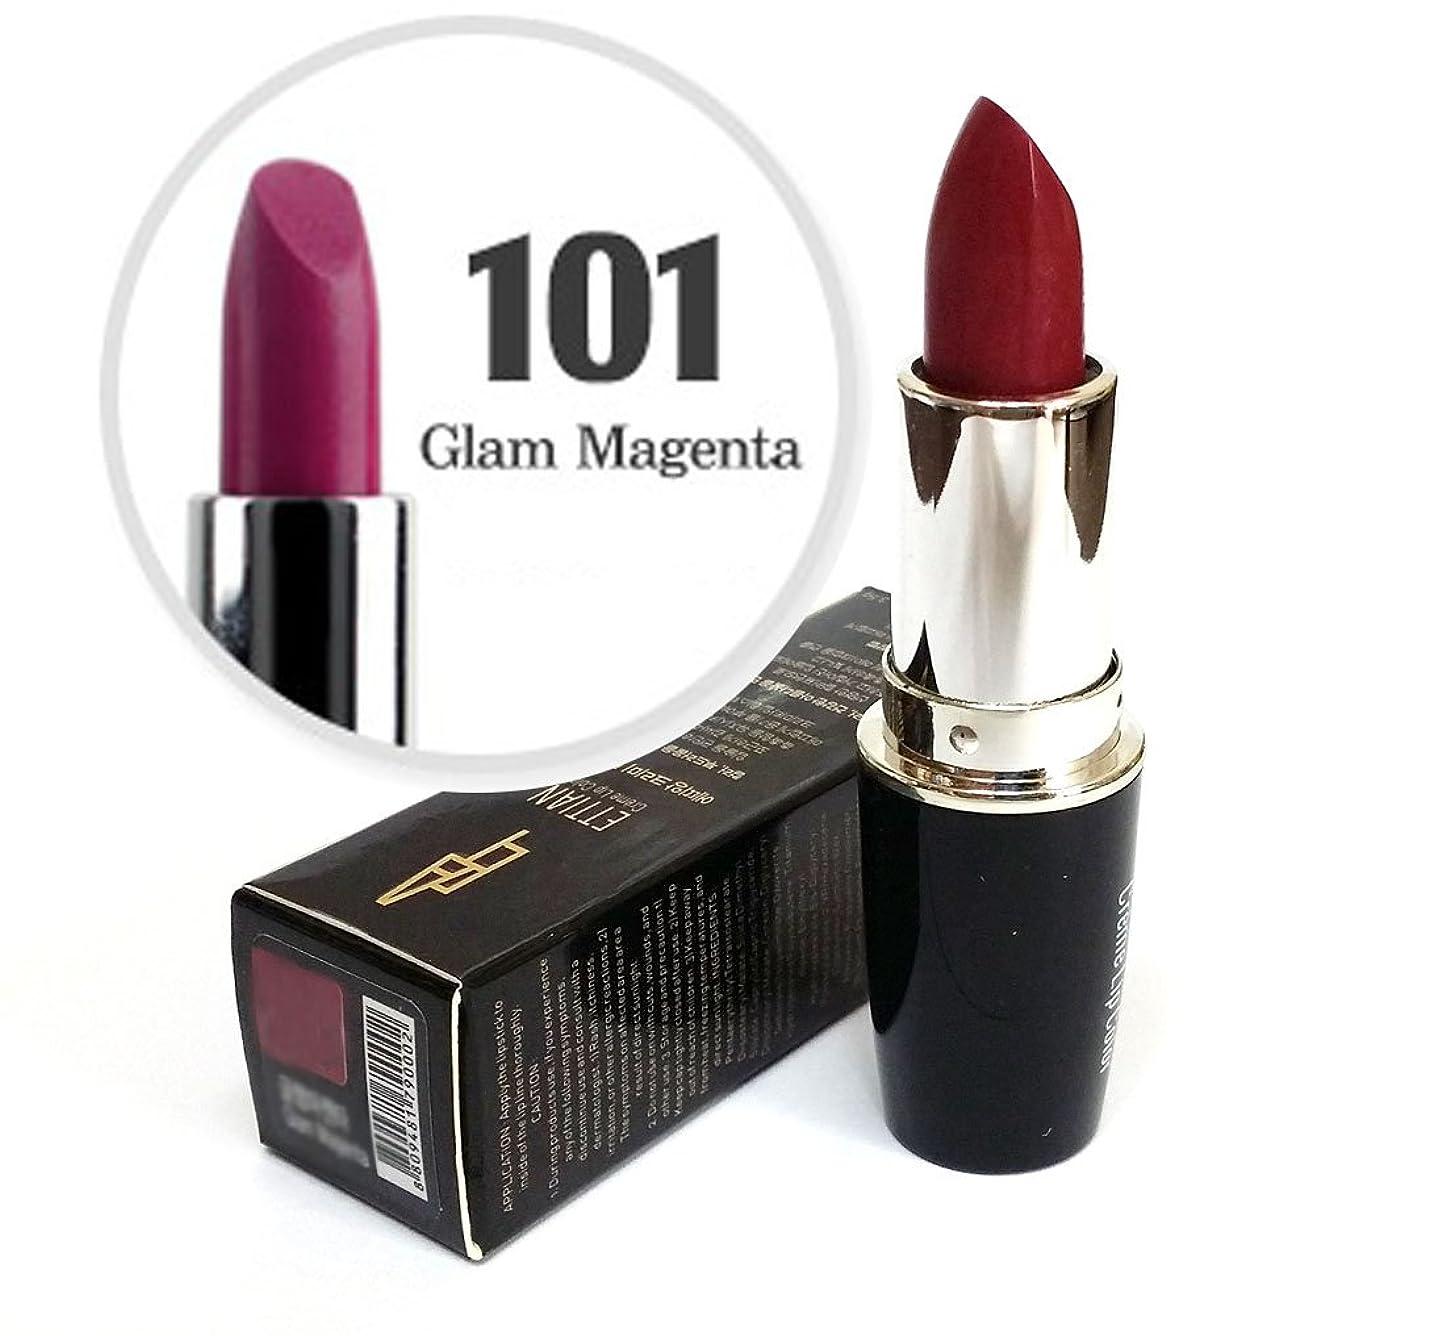 テセウスチャーミング落胆させる[Ettian] クリームリップカラー3.5g / Cream Lip Color 3.5g / 新しい口紅 #101グラムマゼンタ/ New Lipstick #101 Glam Magenta / ドライ感じることはありません / never feels dry / 韓国化粧品 / Korean Cosmetics [並行輸入品]